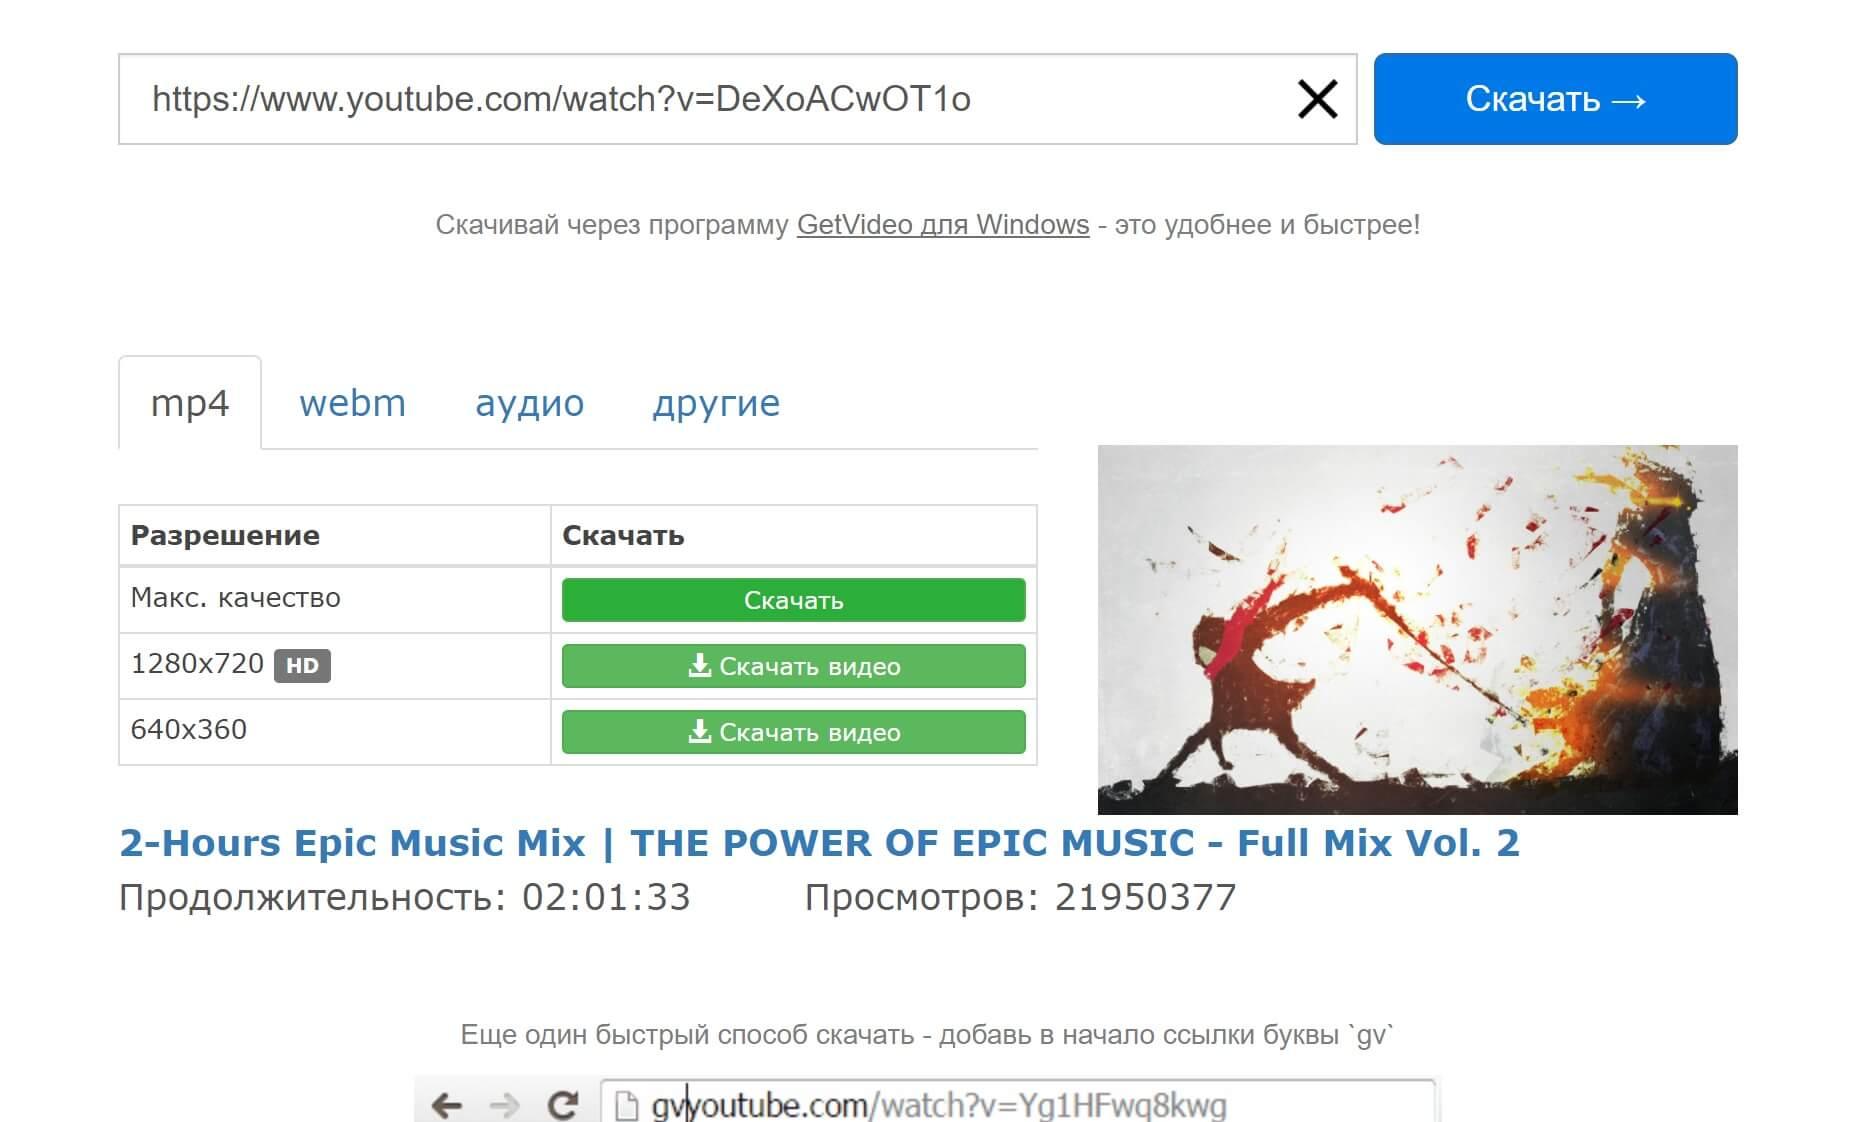 Как сохранить видео при помощи Getvideo.org